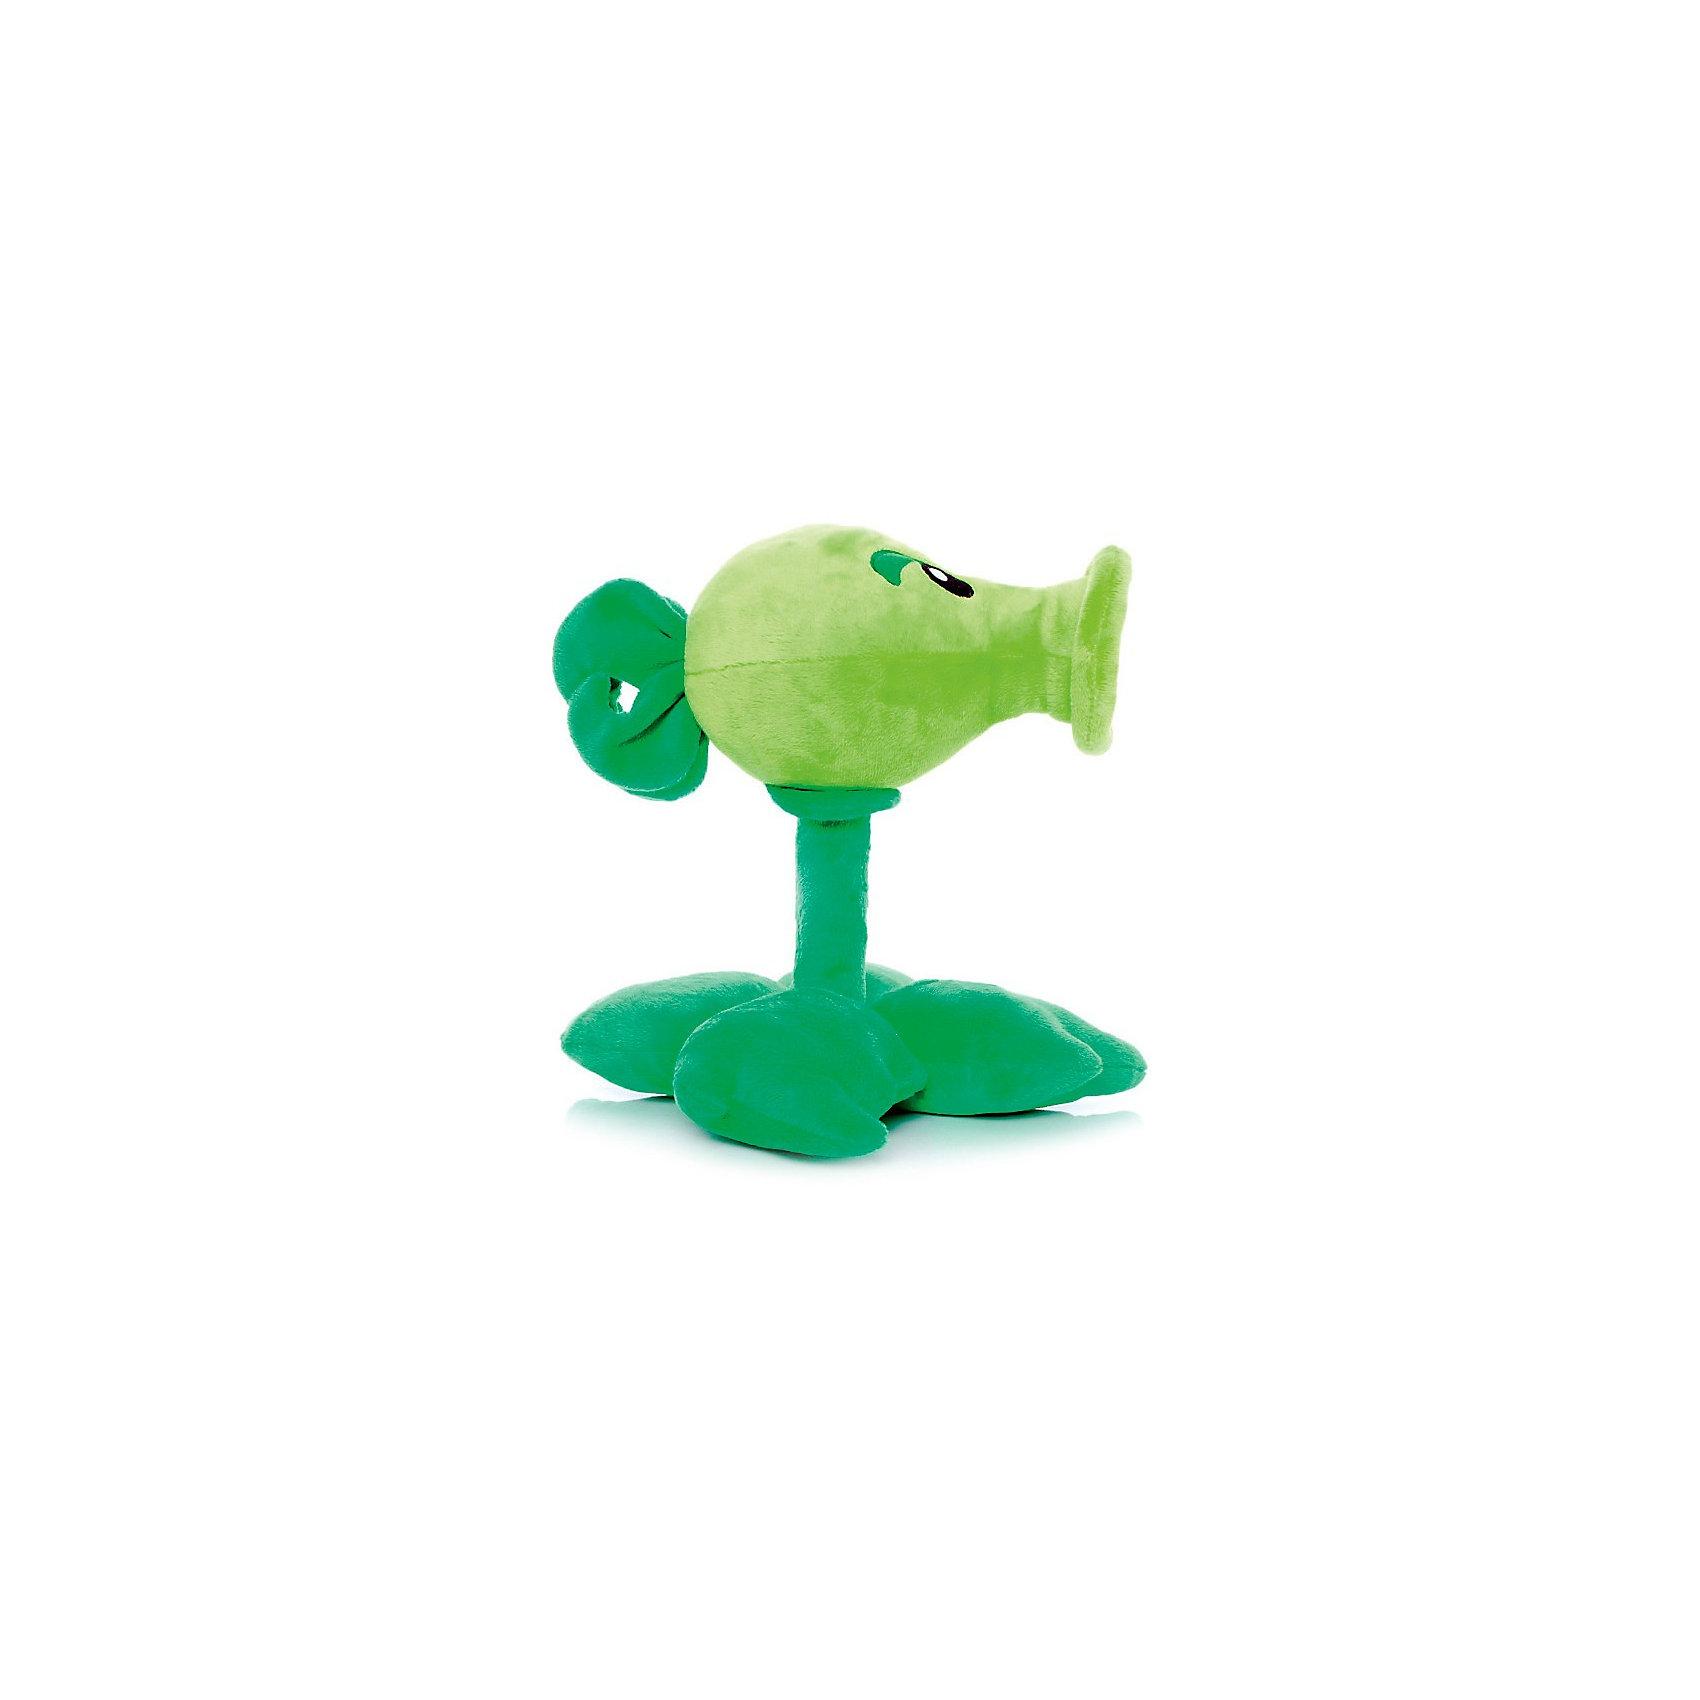 Плюшевая игрушка Горохострел, 30 см, Растения против ЗомбиРастение-горохострел знакомо каждому, кто хоть раз играл в Plants vs. Zombies – этот персонаж незаменим на любом уровне игры, от самого первого до последнего. Это один из самых известных героев игры, а в официальной серии плюшей, произведенных по лицензии PopCap – один из самых узнаваемых сувениров. <br><br>Горохострел традиционно считается лучшим подарком для поклонников «Растений против Зомби», а его популярность сравнима разве что с самим плюшевым Зомби. Игрушка изготавливается из яркого и приятного на ощупь искусственного меха и наполняется синтепоном, подходит для детей и взрослых – всех, кто любит Plants vs. Zombies и оригинальные сувениры!<br>Размер 30 см. Лицензия: PopCap<br><br>Ширина мм: 30<br>Глубина мм: 24<br>Высота мм: 22<br>Вес г: 285<br>Возраст от месяцев: 36<br>Возраст до месяцев: 1188<br>Пол: Унисекс<br>Возраст: Детский<br>SKU: 3376330